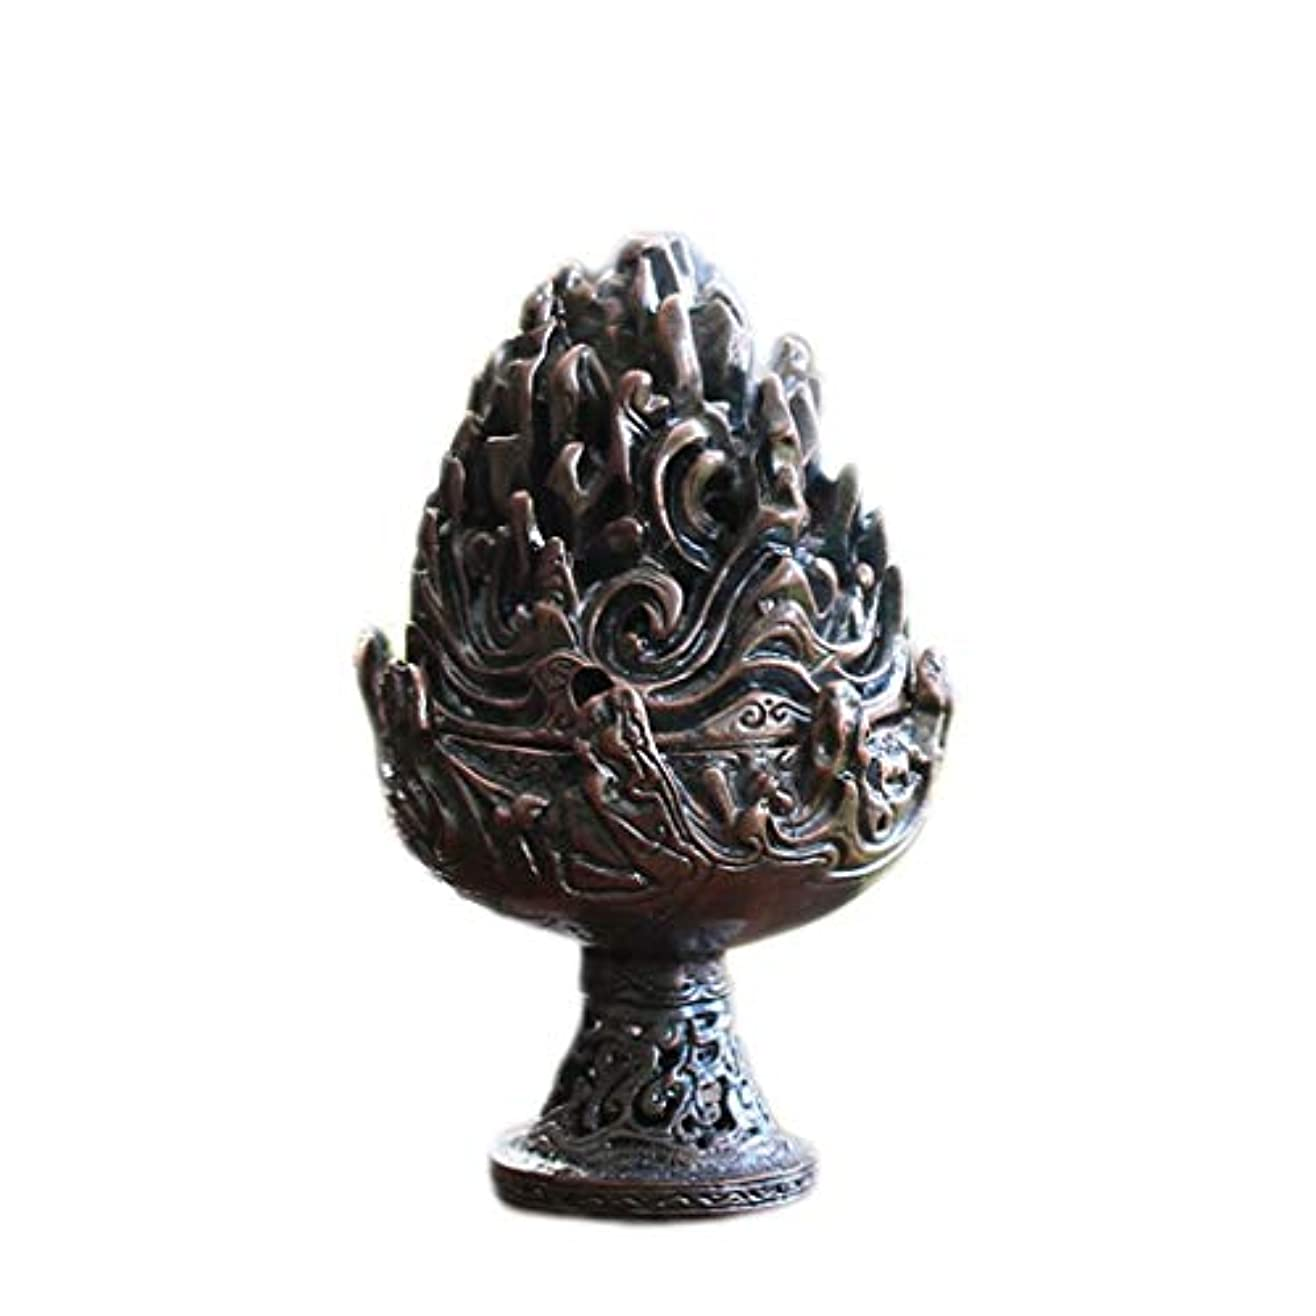 切る弱まるプレミアホームアロマバーナー 純銅香炉レトロ懐かしい屋内真鍮銅香炉 アロマバーナー (Color : Purple copper)